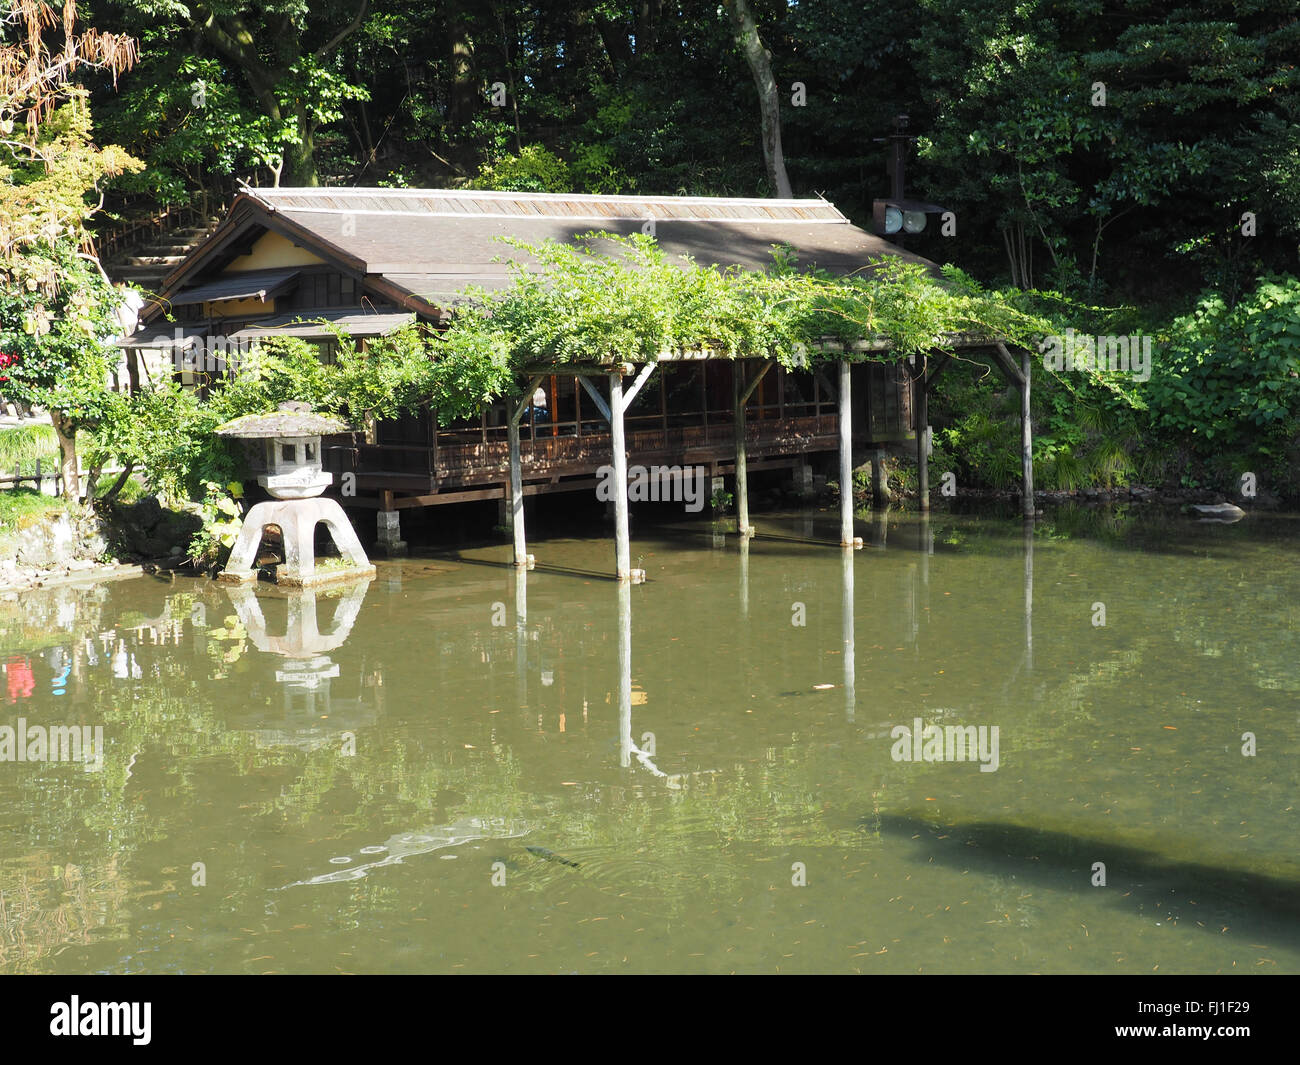 Kenroku-en garden thee house - Stock Image